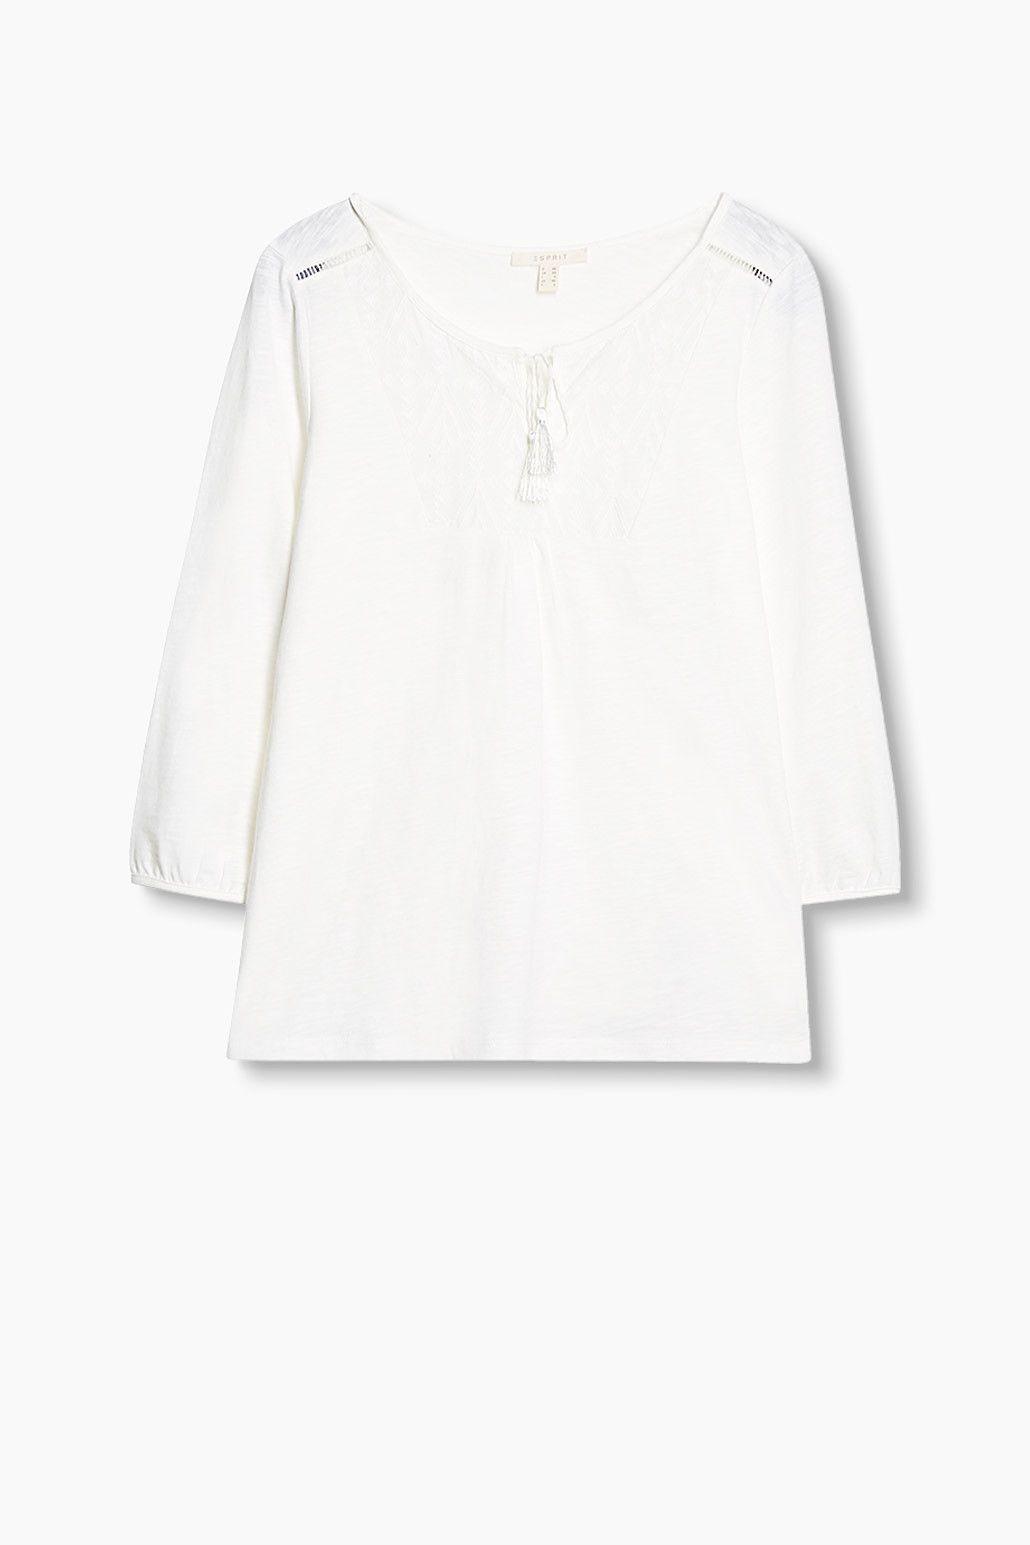 Grösseninfo:  -Bei Gr. S (kann je Gr. leicht variieren): -Rückenlänge ca. 60 cm   Details:  -Dieses Shirt aus Flammé-Jersey besticht durch eine bestickte Stoffpasse und dekorative Bindebänder mit Troddeln am Ausschnitt.  -Der Schnitt ist locker und bequem umspielend.  -Die Dreiviertelärmel besitzen Abschlussbündchen.  -Die erstklassige Baumwollqualität bietet optimalen Tragekomfort.